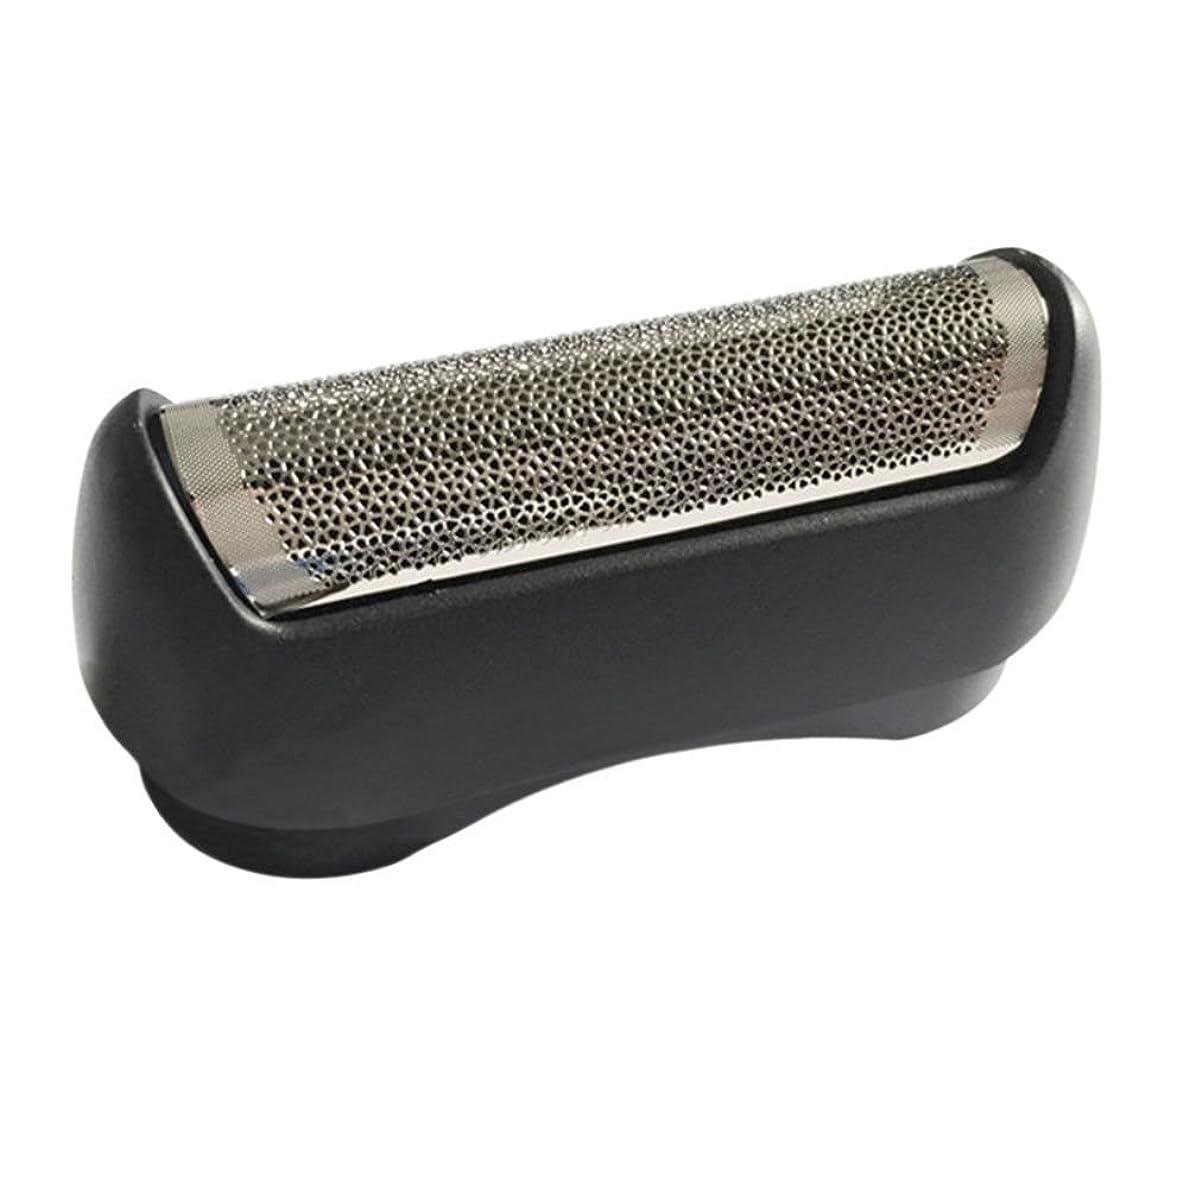 醸造所マトロン騒ぎDeylaying 男性用 シェーバー 剃刀の頭 ホイル11B for Braun 110 120 130 140 150 5682 5684